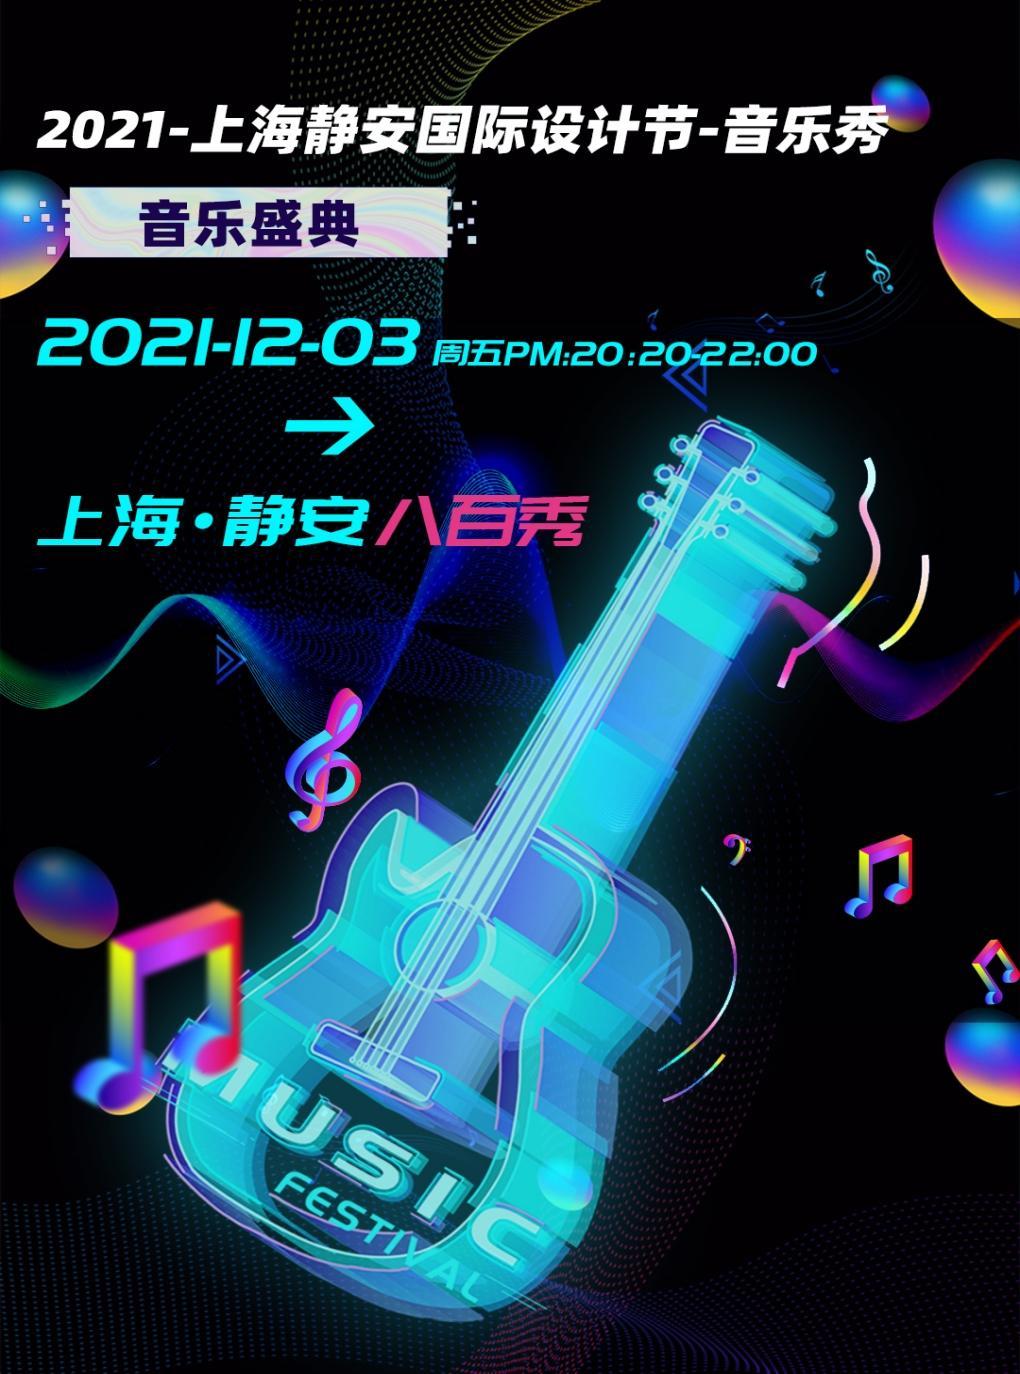 2021上海静安国际设计节-音乐秀